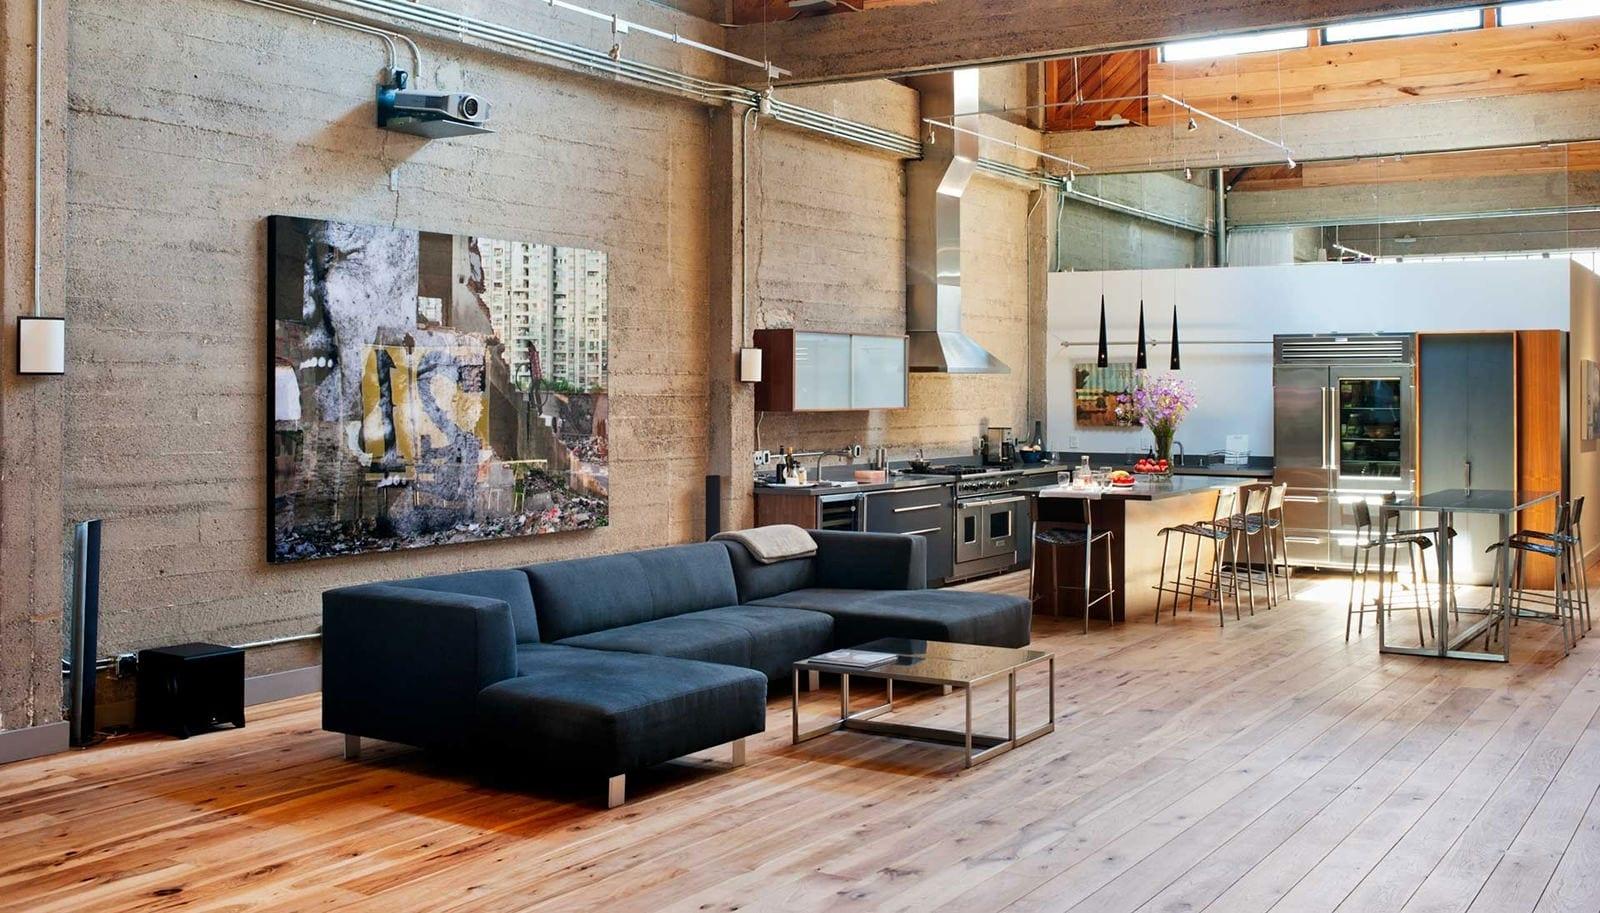 Дизайн интерьера в стиле лофт - пошаговое воплощение